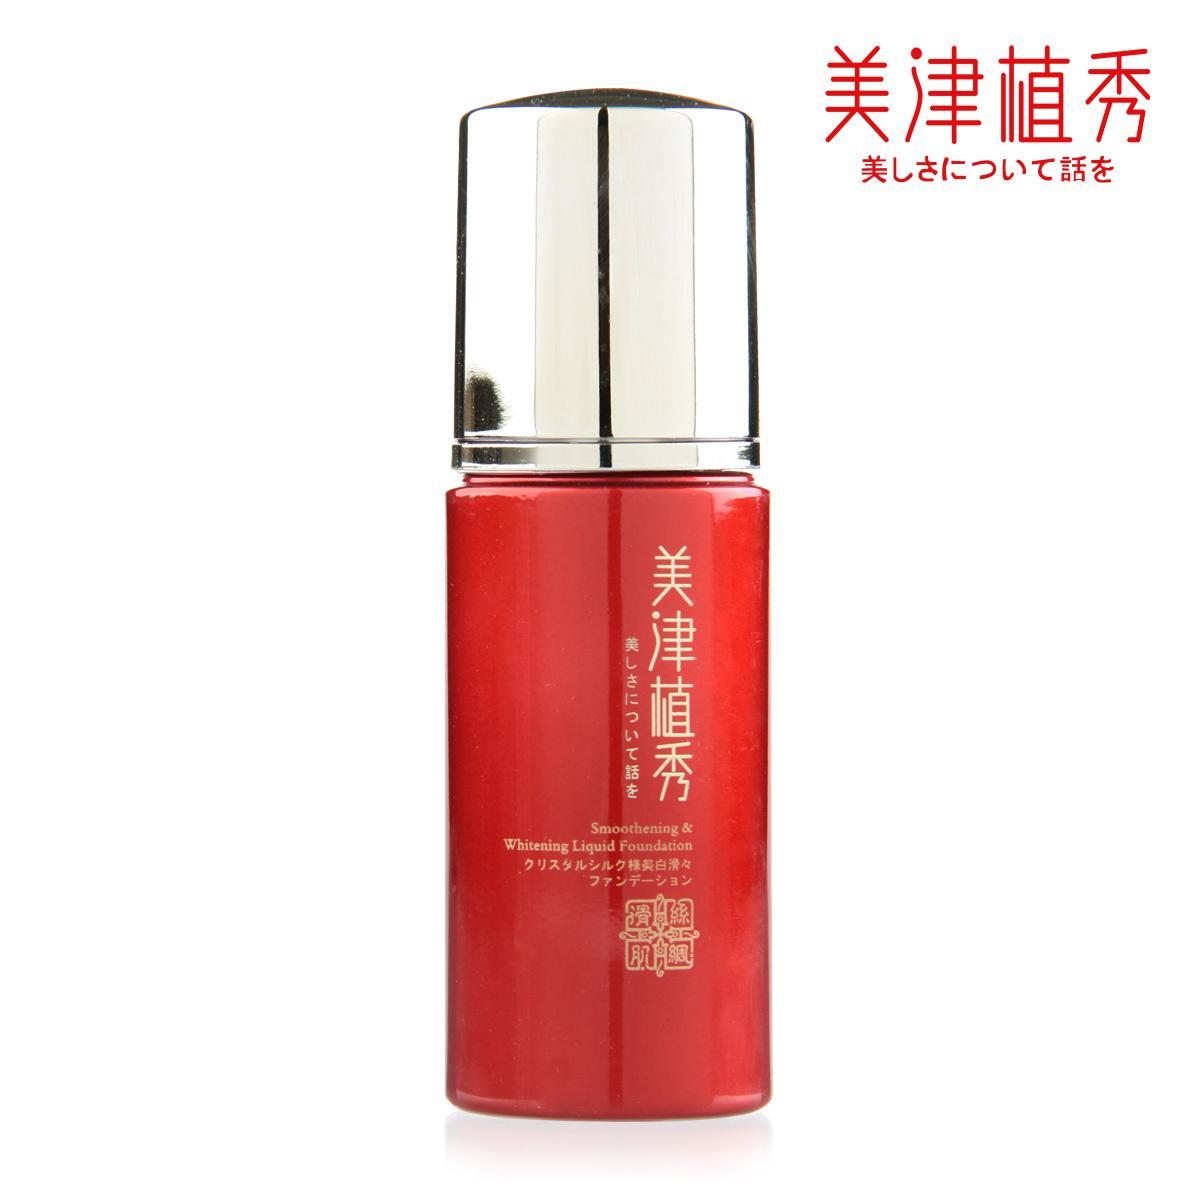 lifted white foundation liquid whitening concealer brighten skin